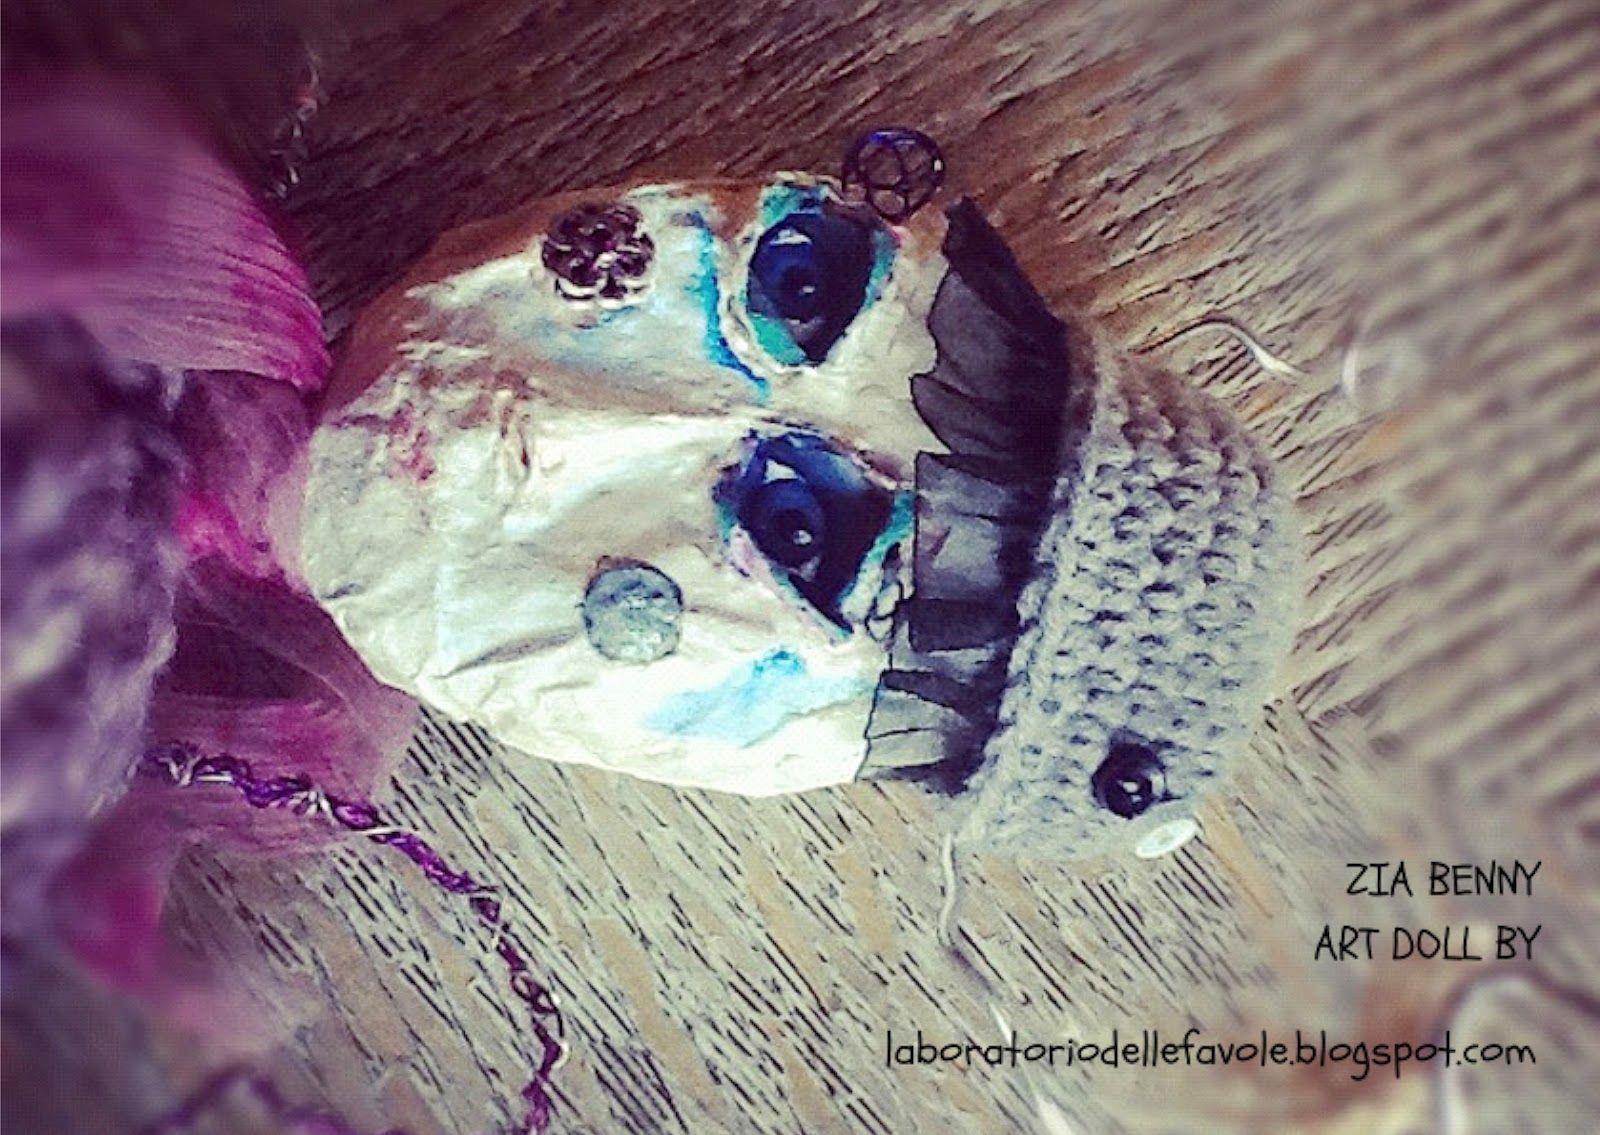 Laboratorio delle Favole- Design and Decor: Art Doll - Zia Benny